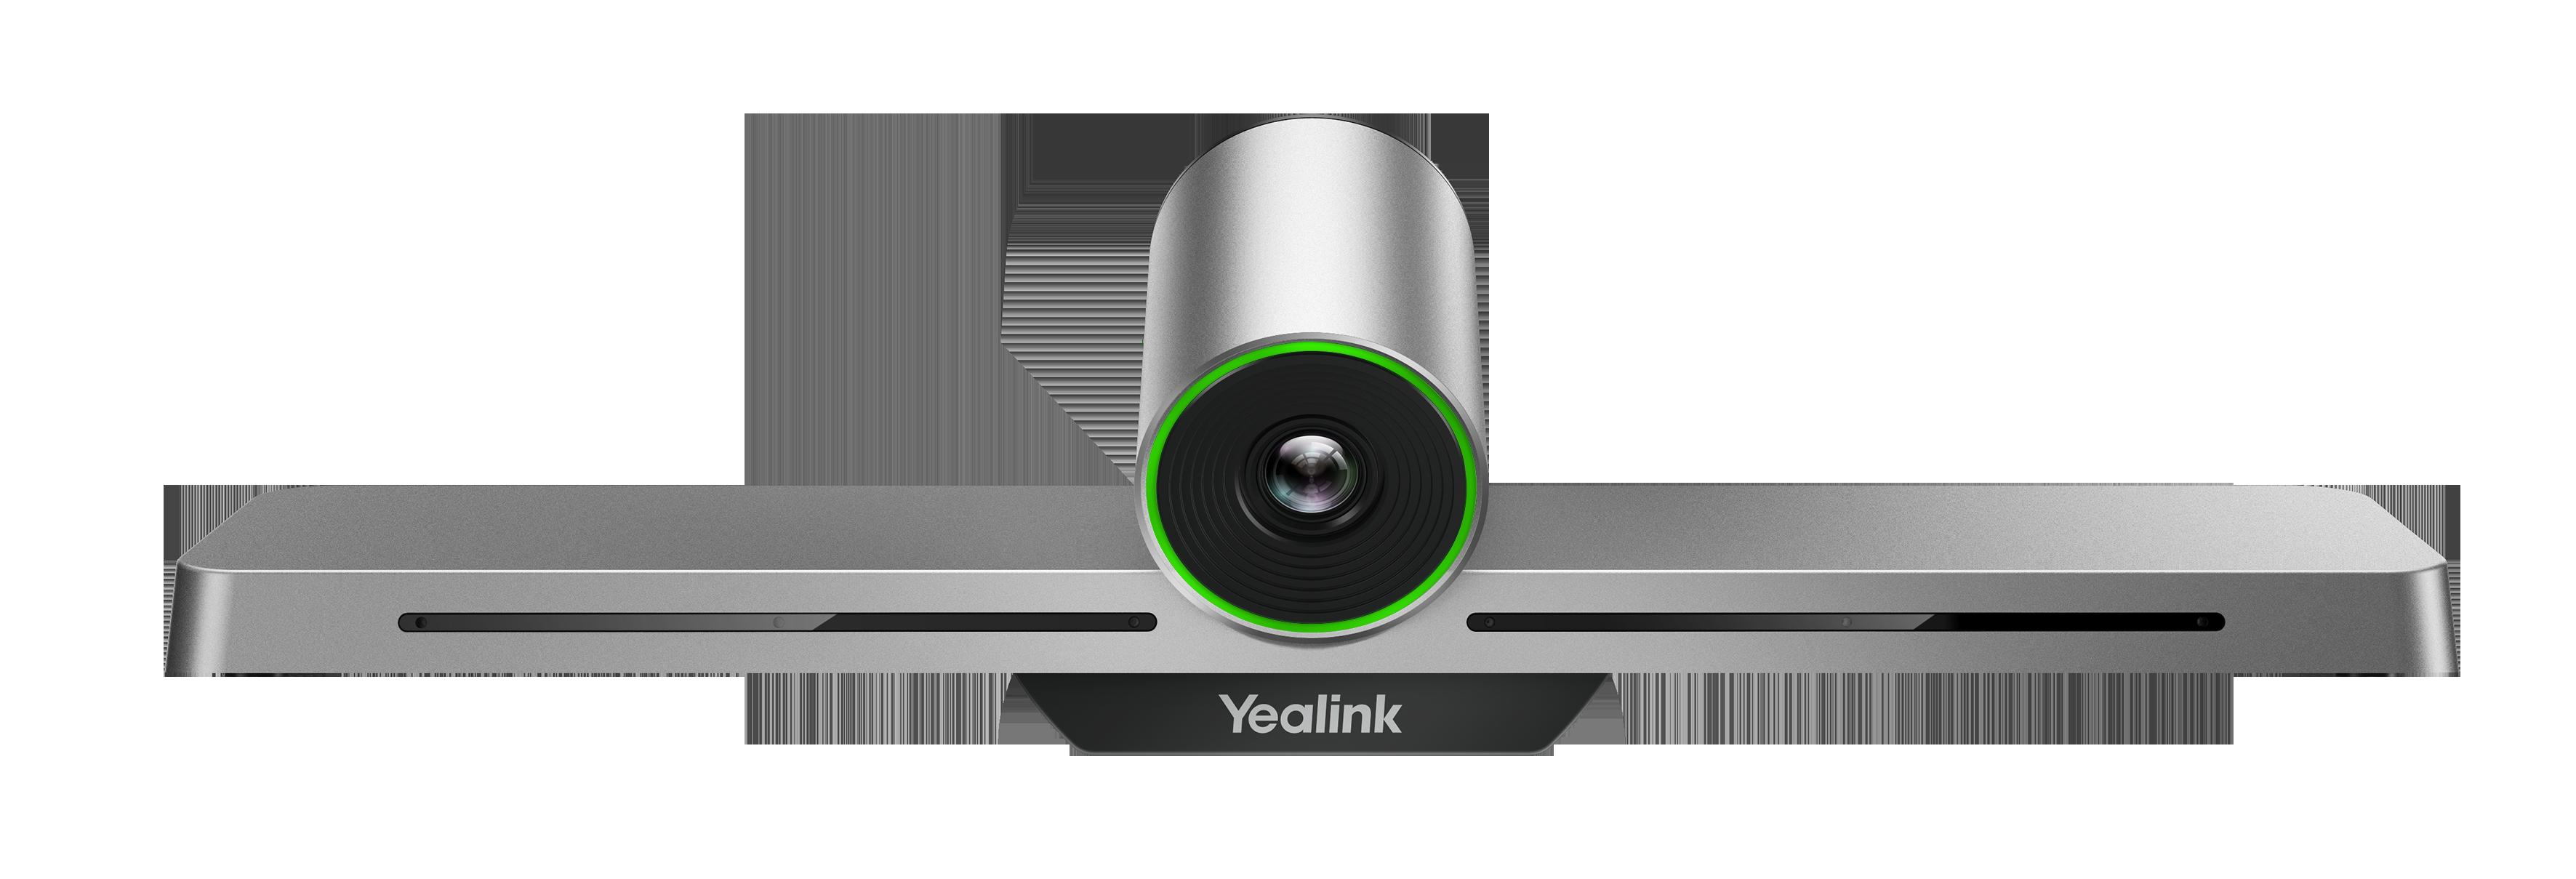 Yealink VC200 videokonferenční endpoint